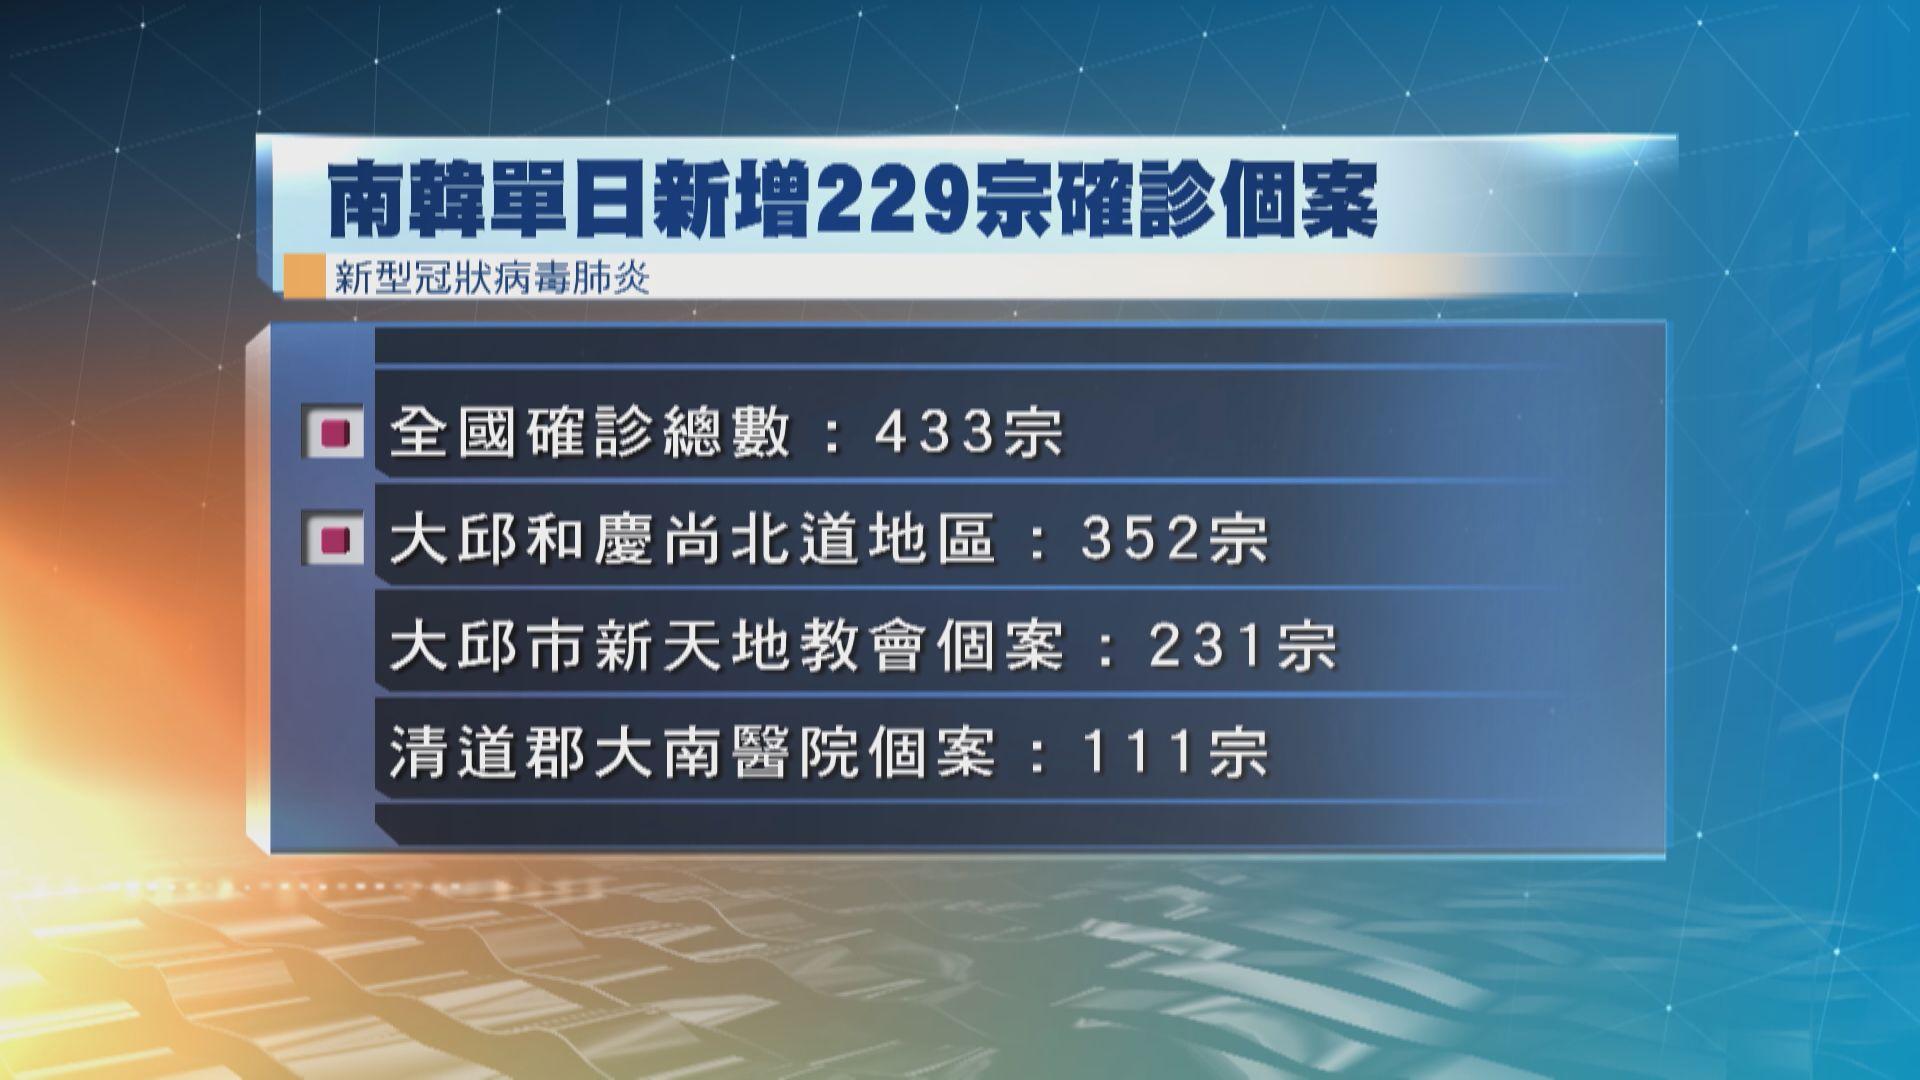 南韓新增個案激增229宗 全國所有行政區失守